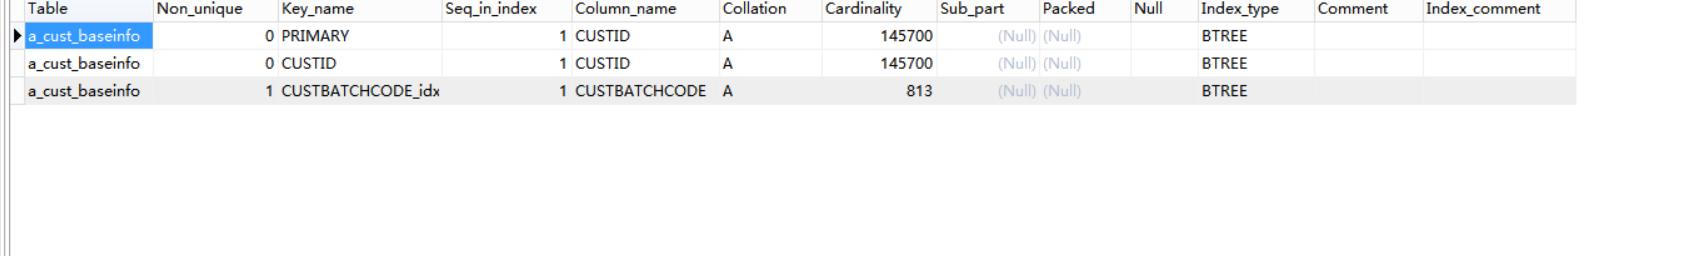 【新手求助】Mysql 查询优化,老项目了表结构不是很合理,但是不能随便改了,只能从sql改